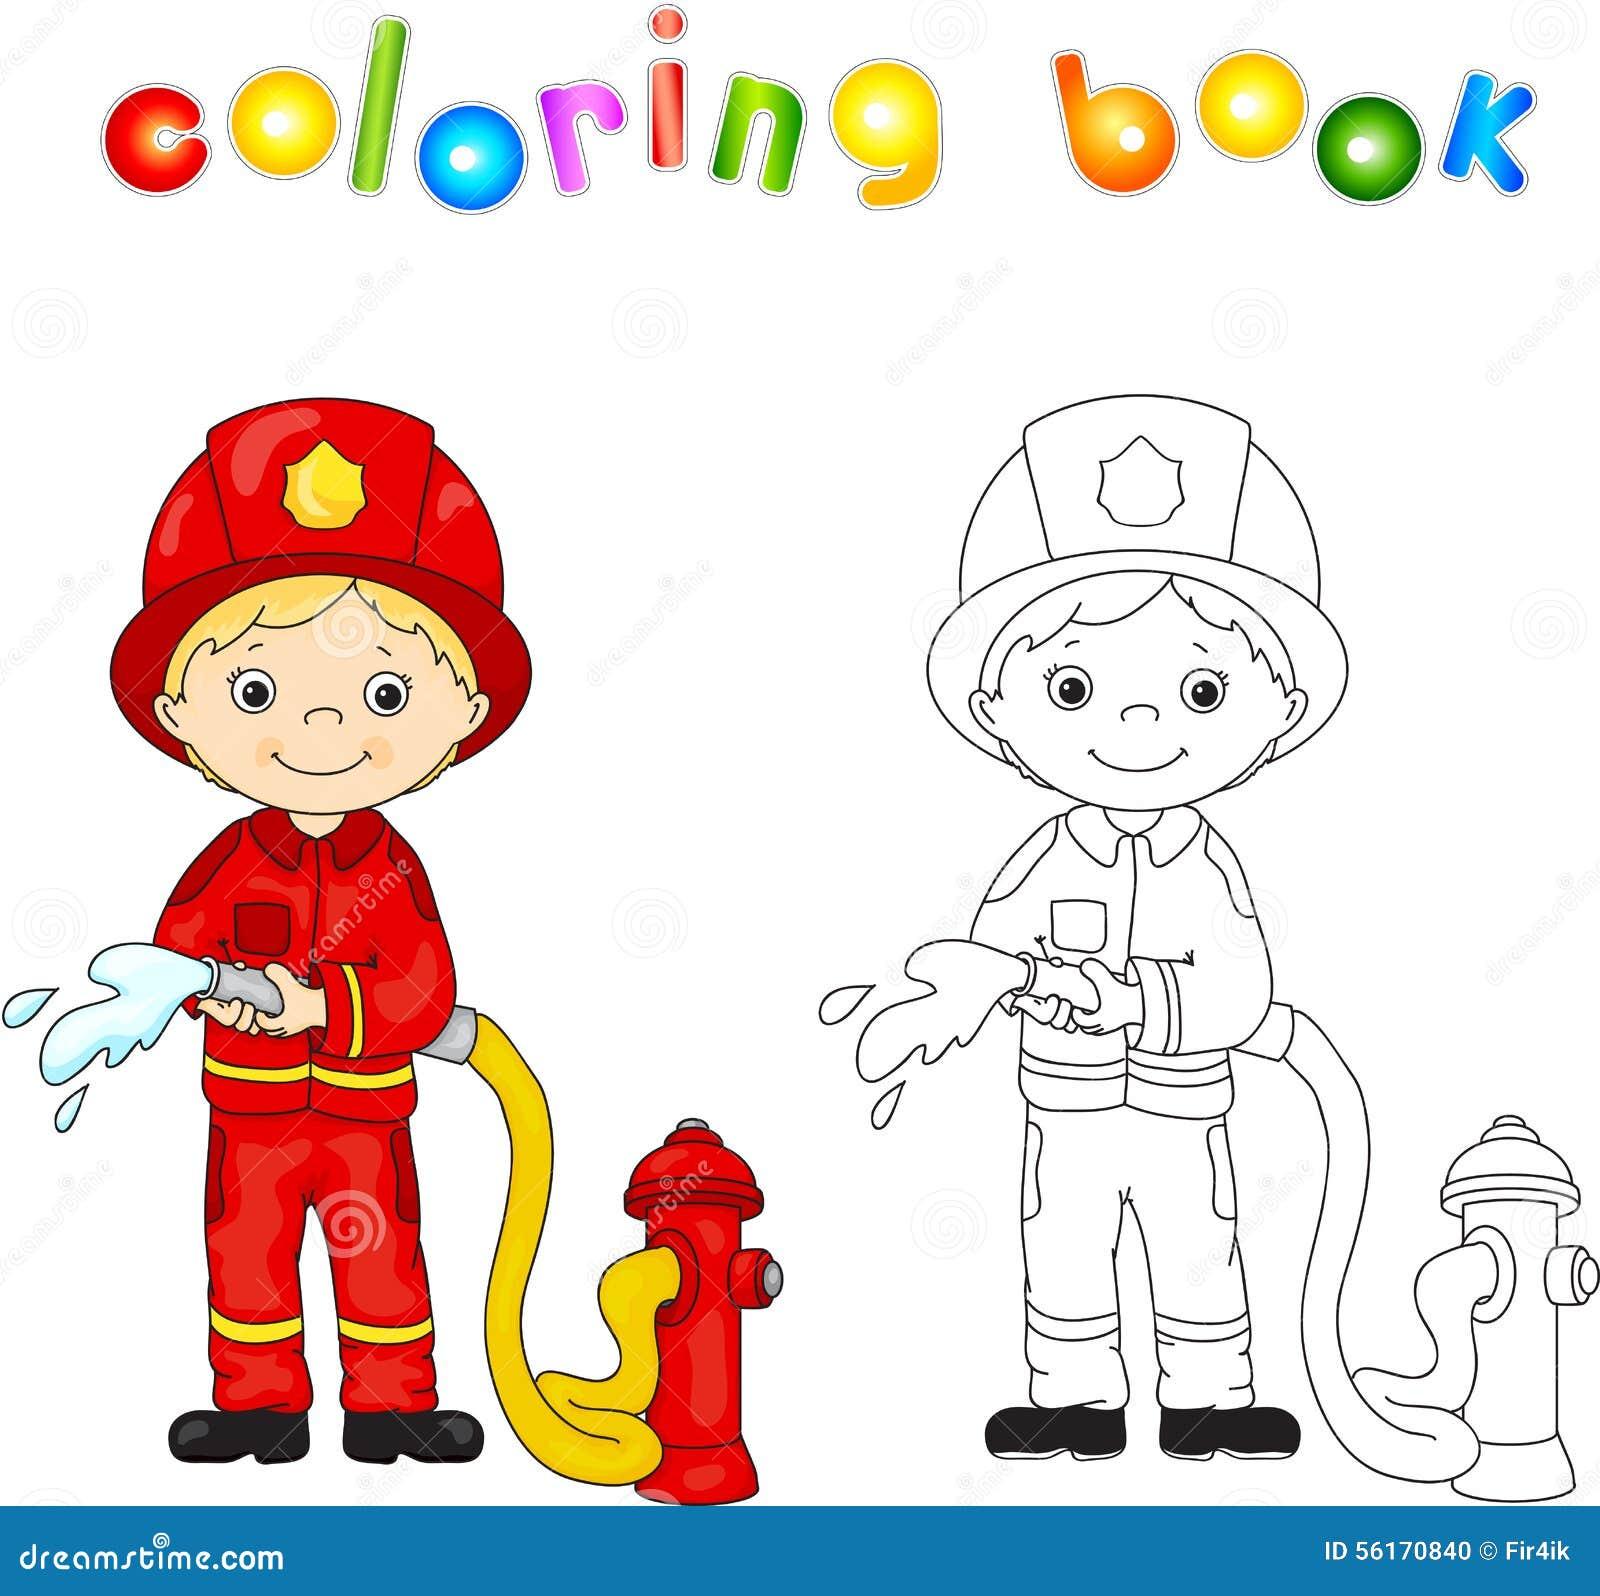 Feuerwehrmann in einer roten Uniform und Sturzhelm mit einem Schlauch in seiner Hand spalte